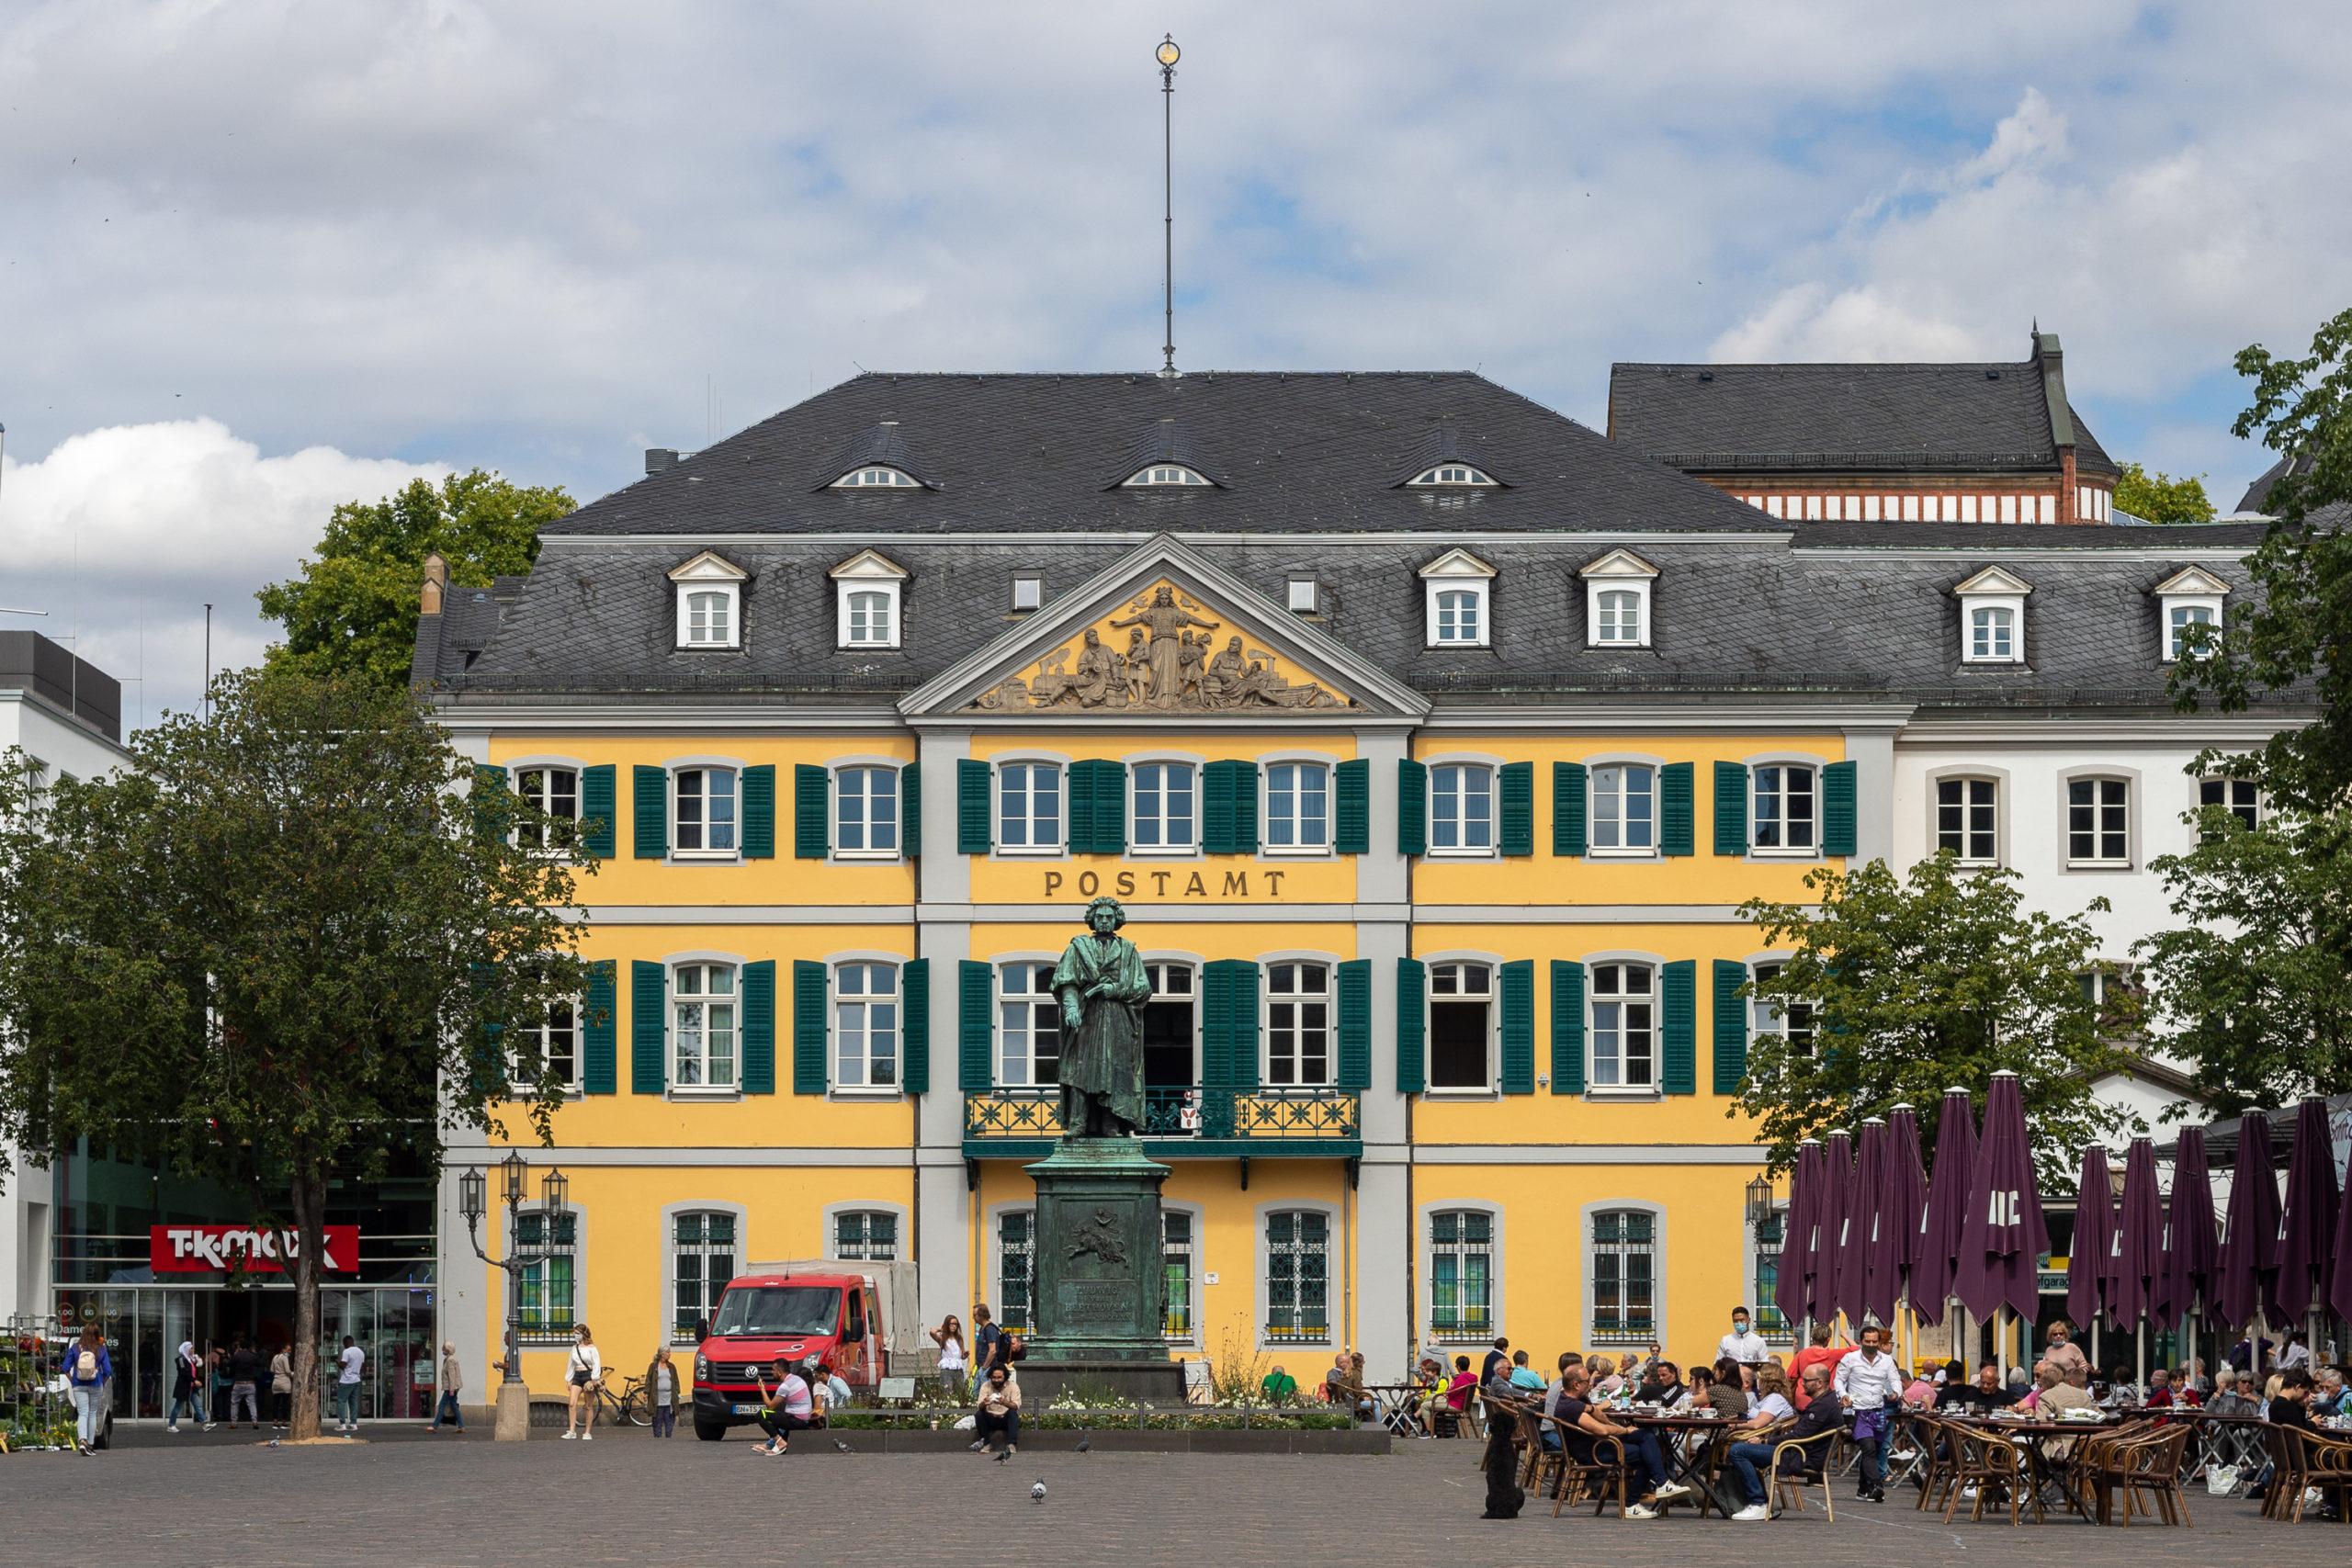 Der Bonner Münsterplatz mit der Beethovenstatue und dem Postamt dahinter. Man sieht rechter Hand viele Menschen im Kaffee sitzen.